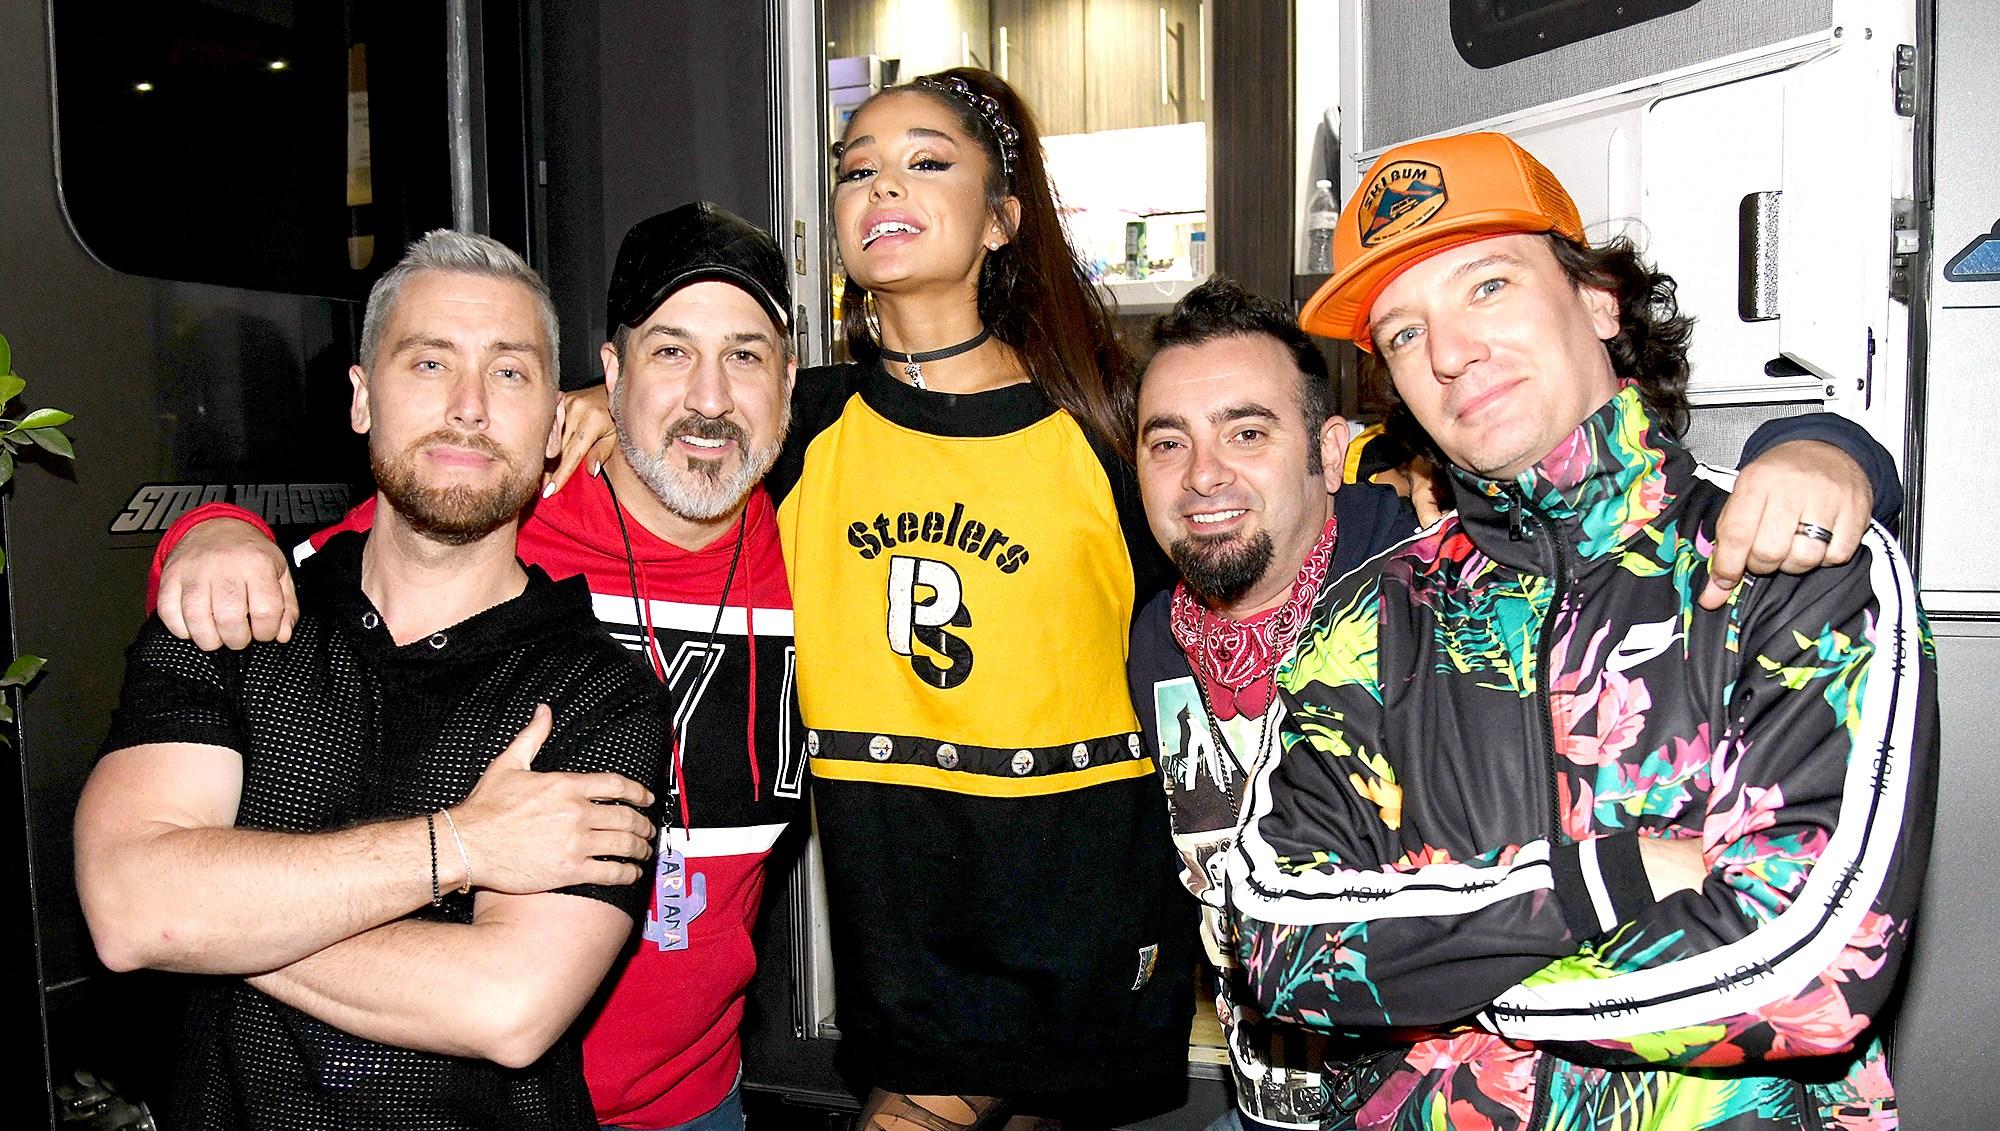 Ariana-Grande-tribute-to-Mac-Miller-Coachella